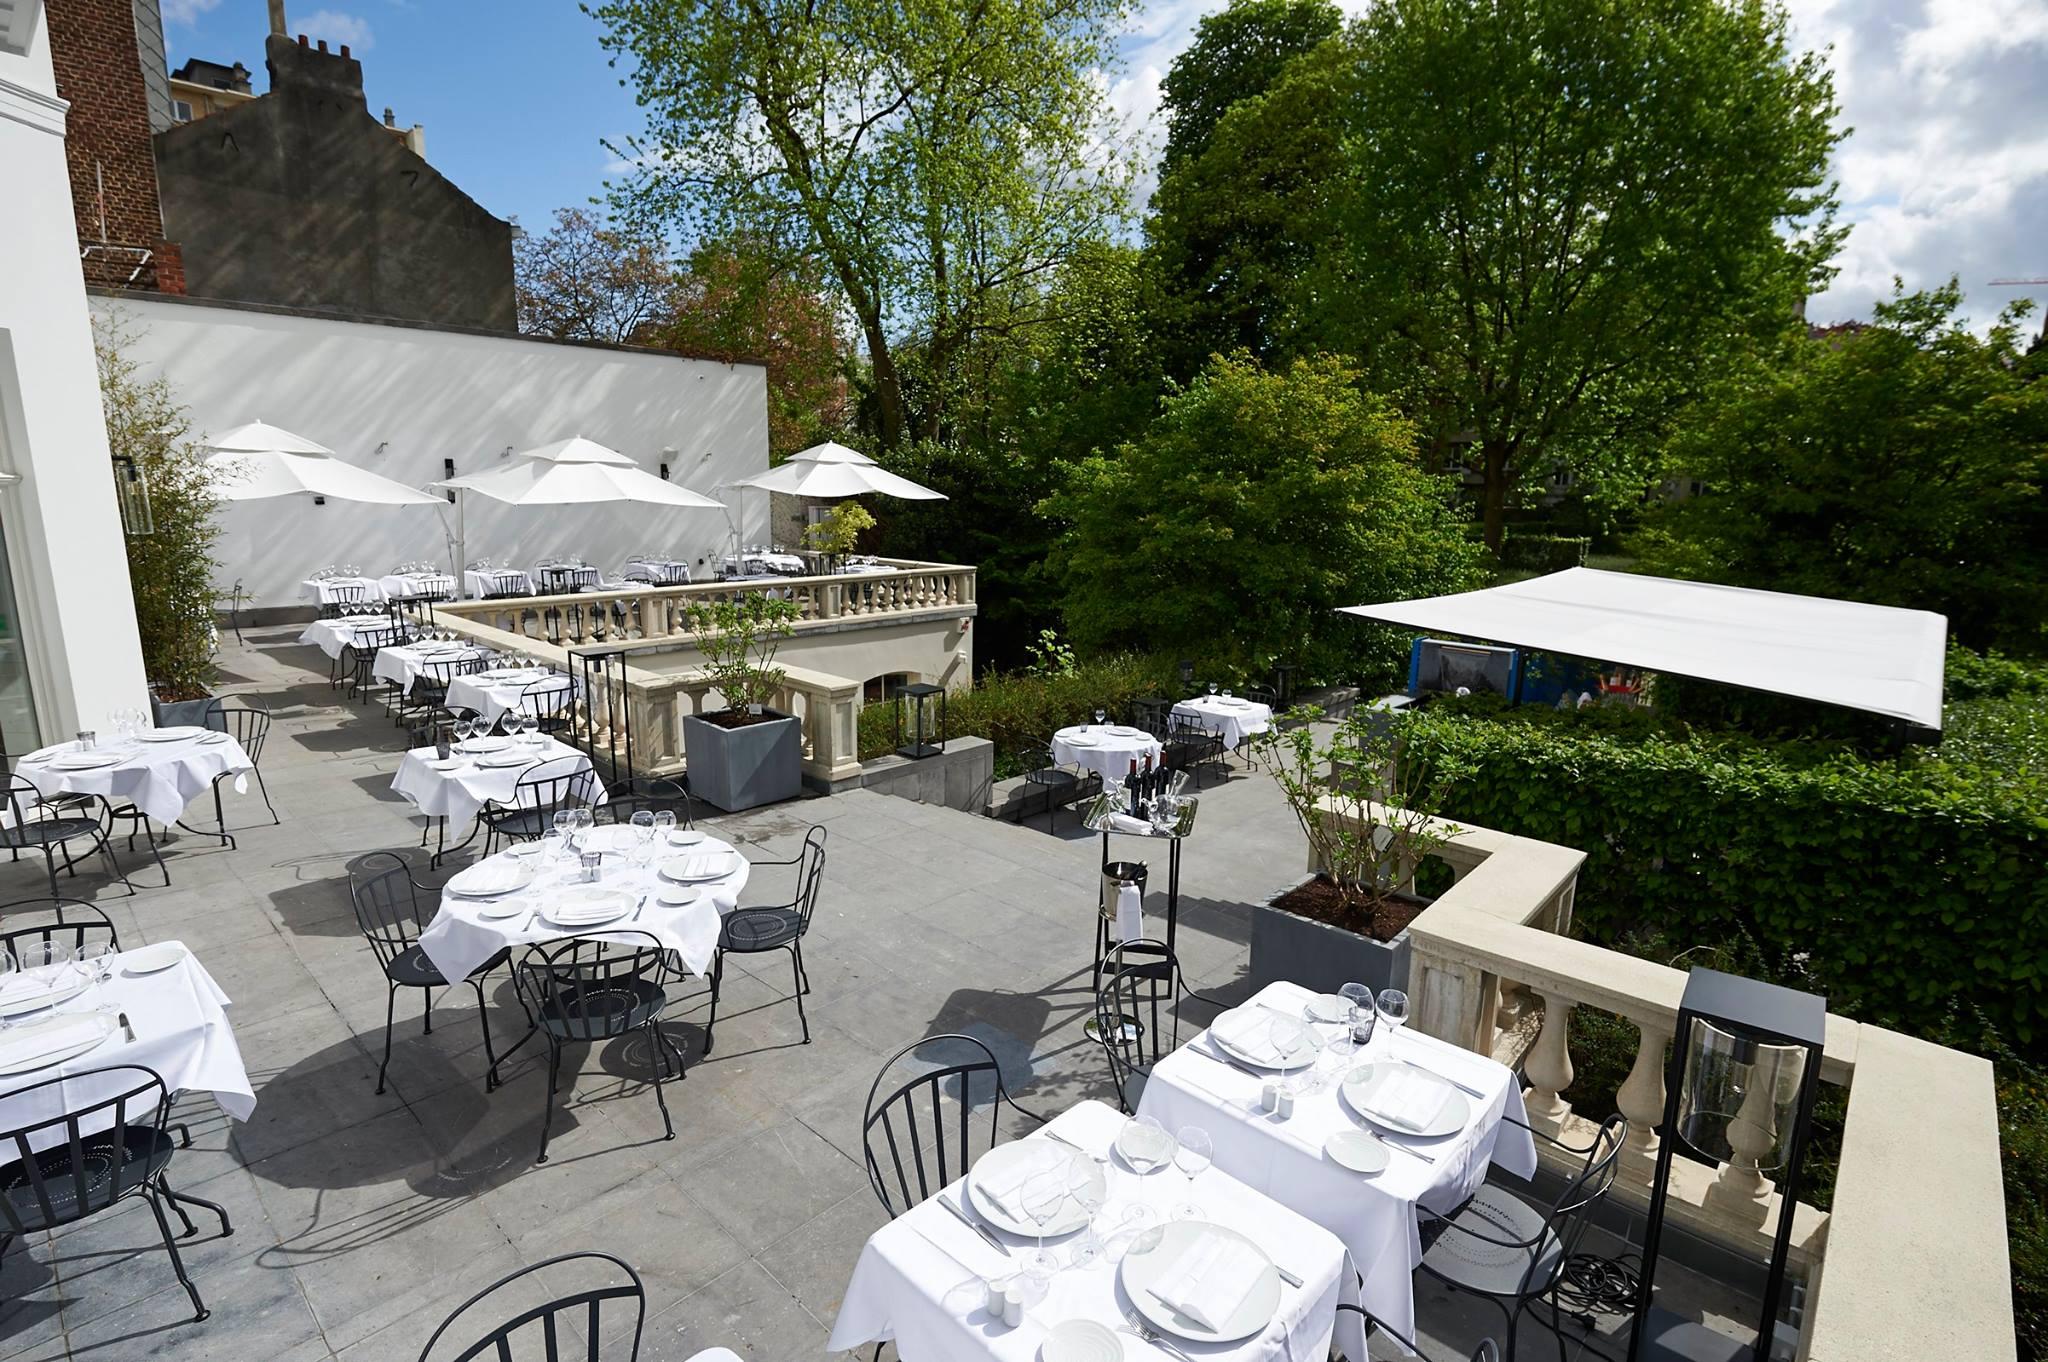 Les 10 terrasses les plus agr ables de bruxelles loftkitchen - Resto terrasse jardin bruxelles nanterre ...